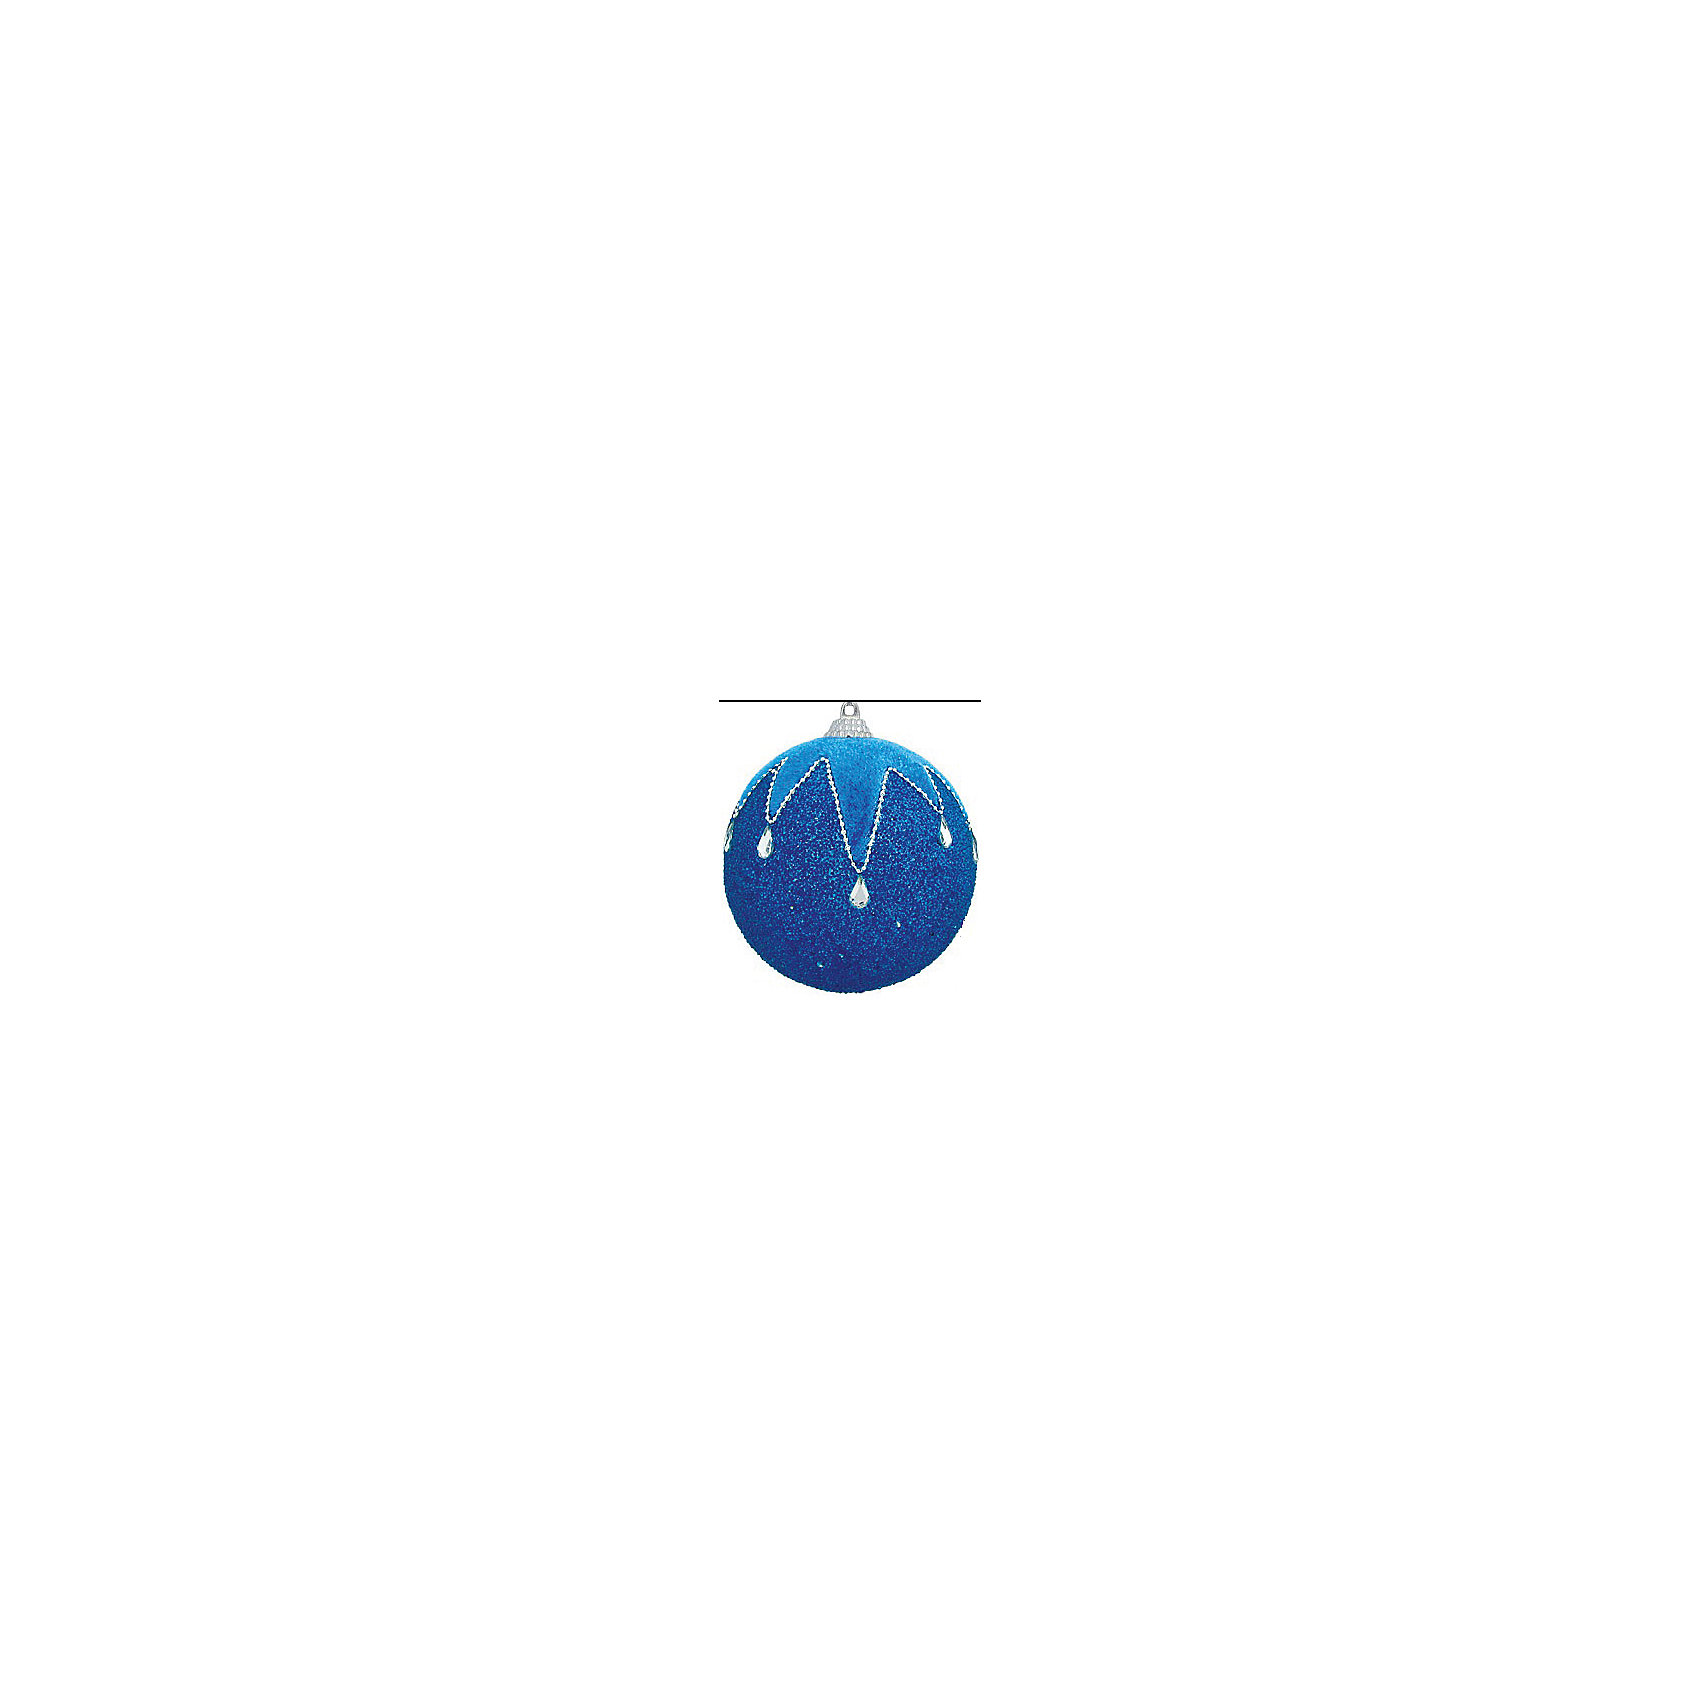 Набор шаров ХАЙ-ТЕК 8см, 6 шт, синийВсё для праздника<br>ёл. укр. набор шаров ХАЙ-ТЕК 8см, 6шт, синий<br><br>Ширина мм: 80<br>Глубина мм: 80<br>Высота мм: 80<br>Вес г: 100<br>Возраст от месяцев: 36<br>Возраст до месяцев: 2147483647<br>Пол: Унисекс<br>Возраст: Детский<br>SKU: 5101068